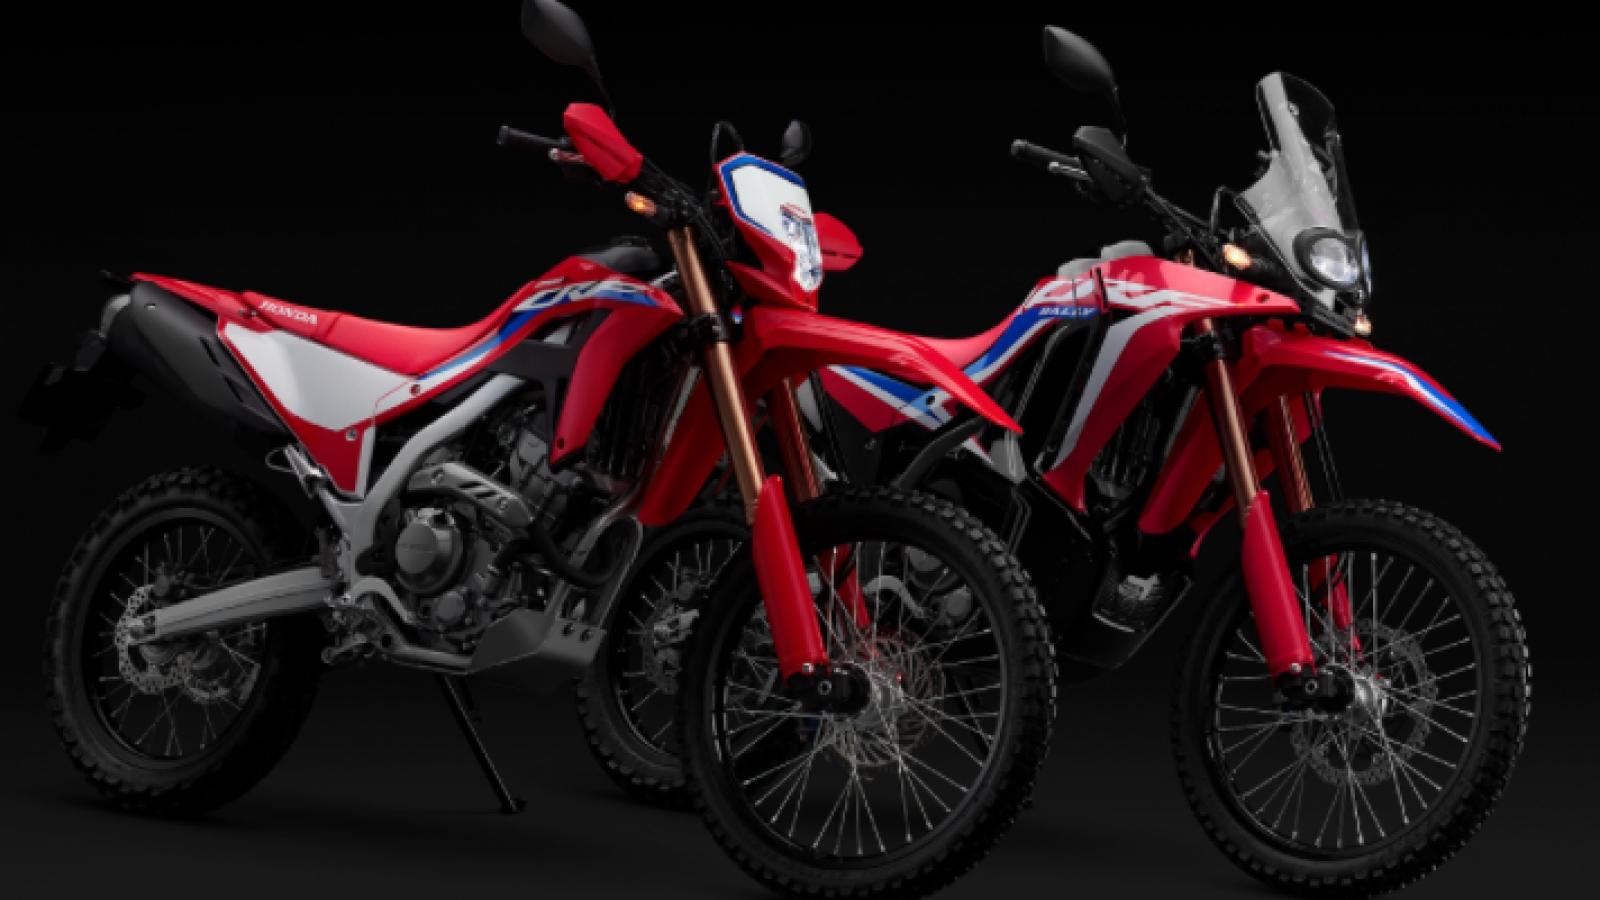 Honda CRF250L, CRF250L Rally 2021 sắp ra mắt với nhiều thay đổi